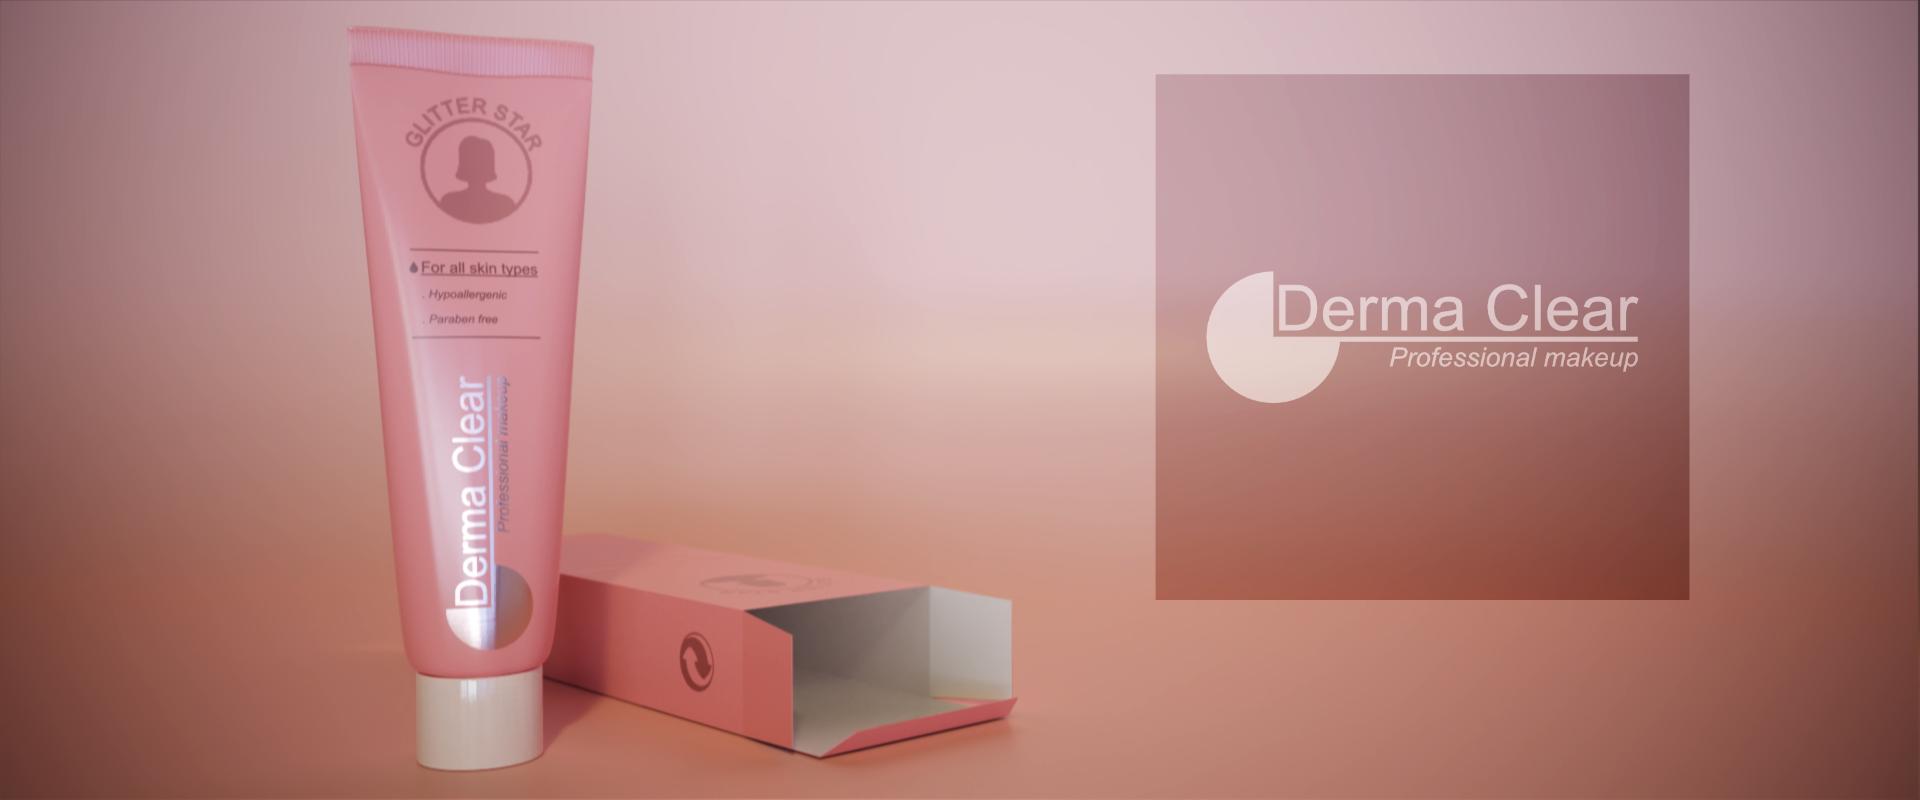 DermaClear9